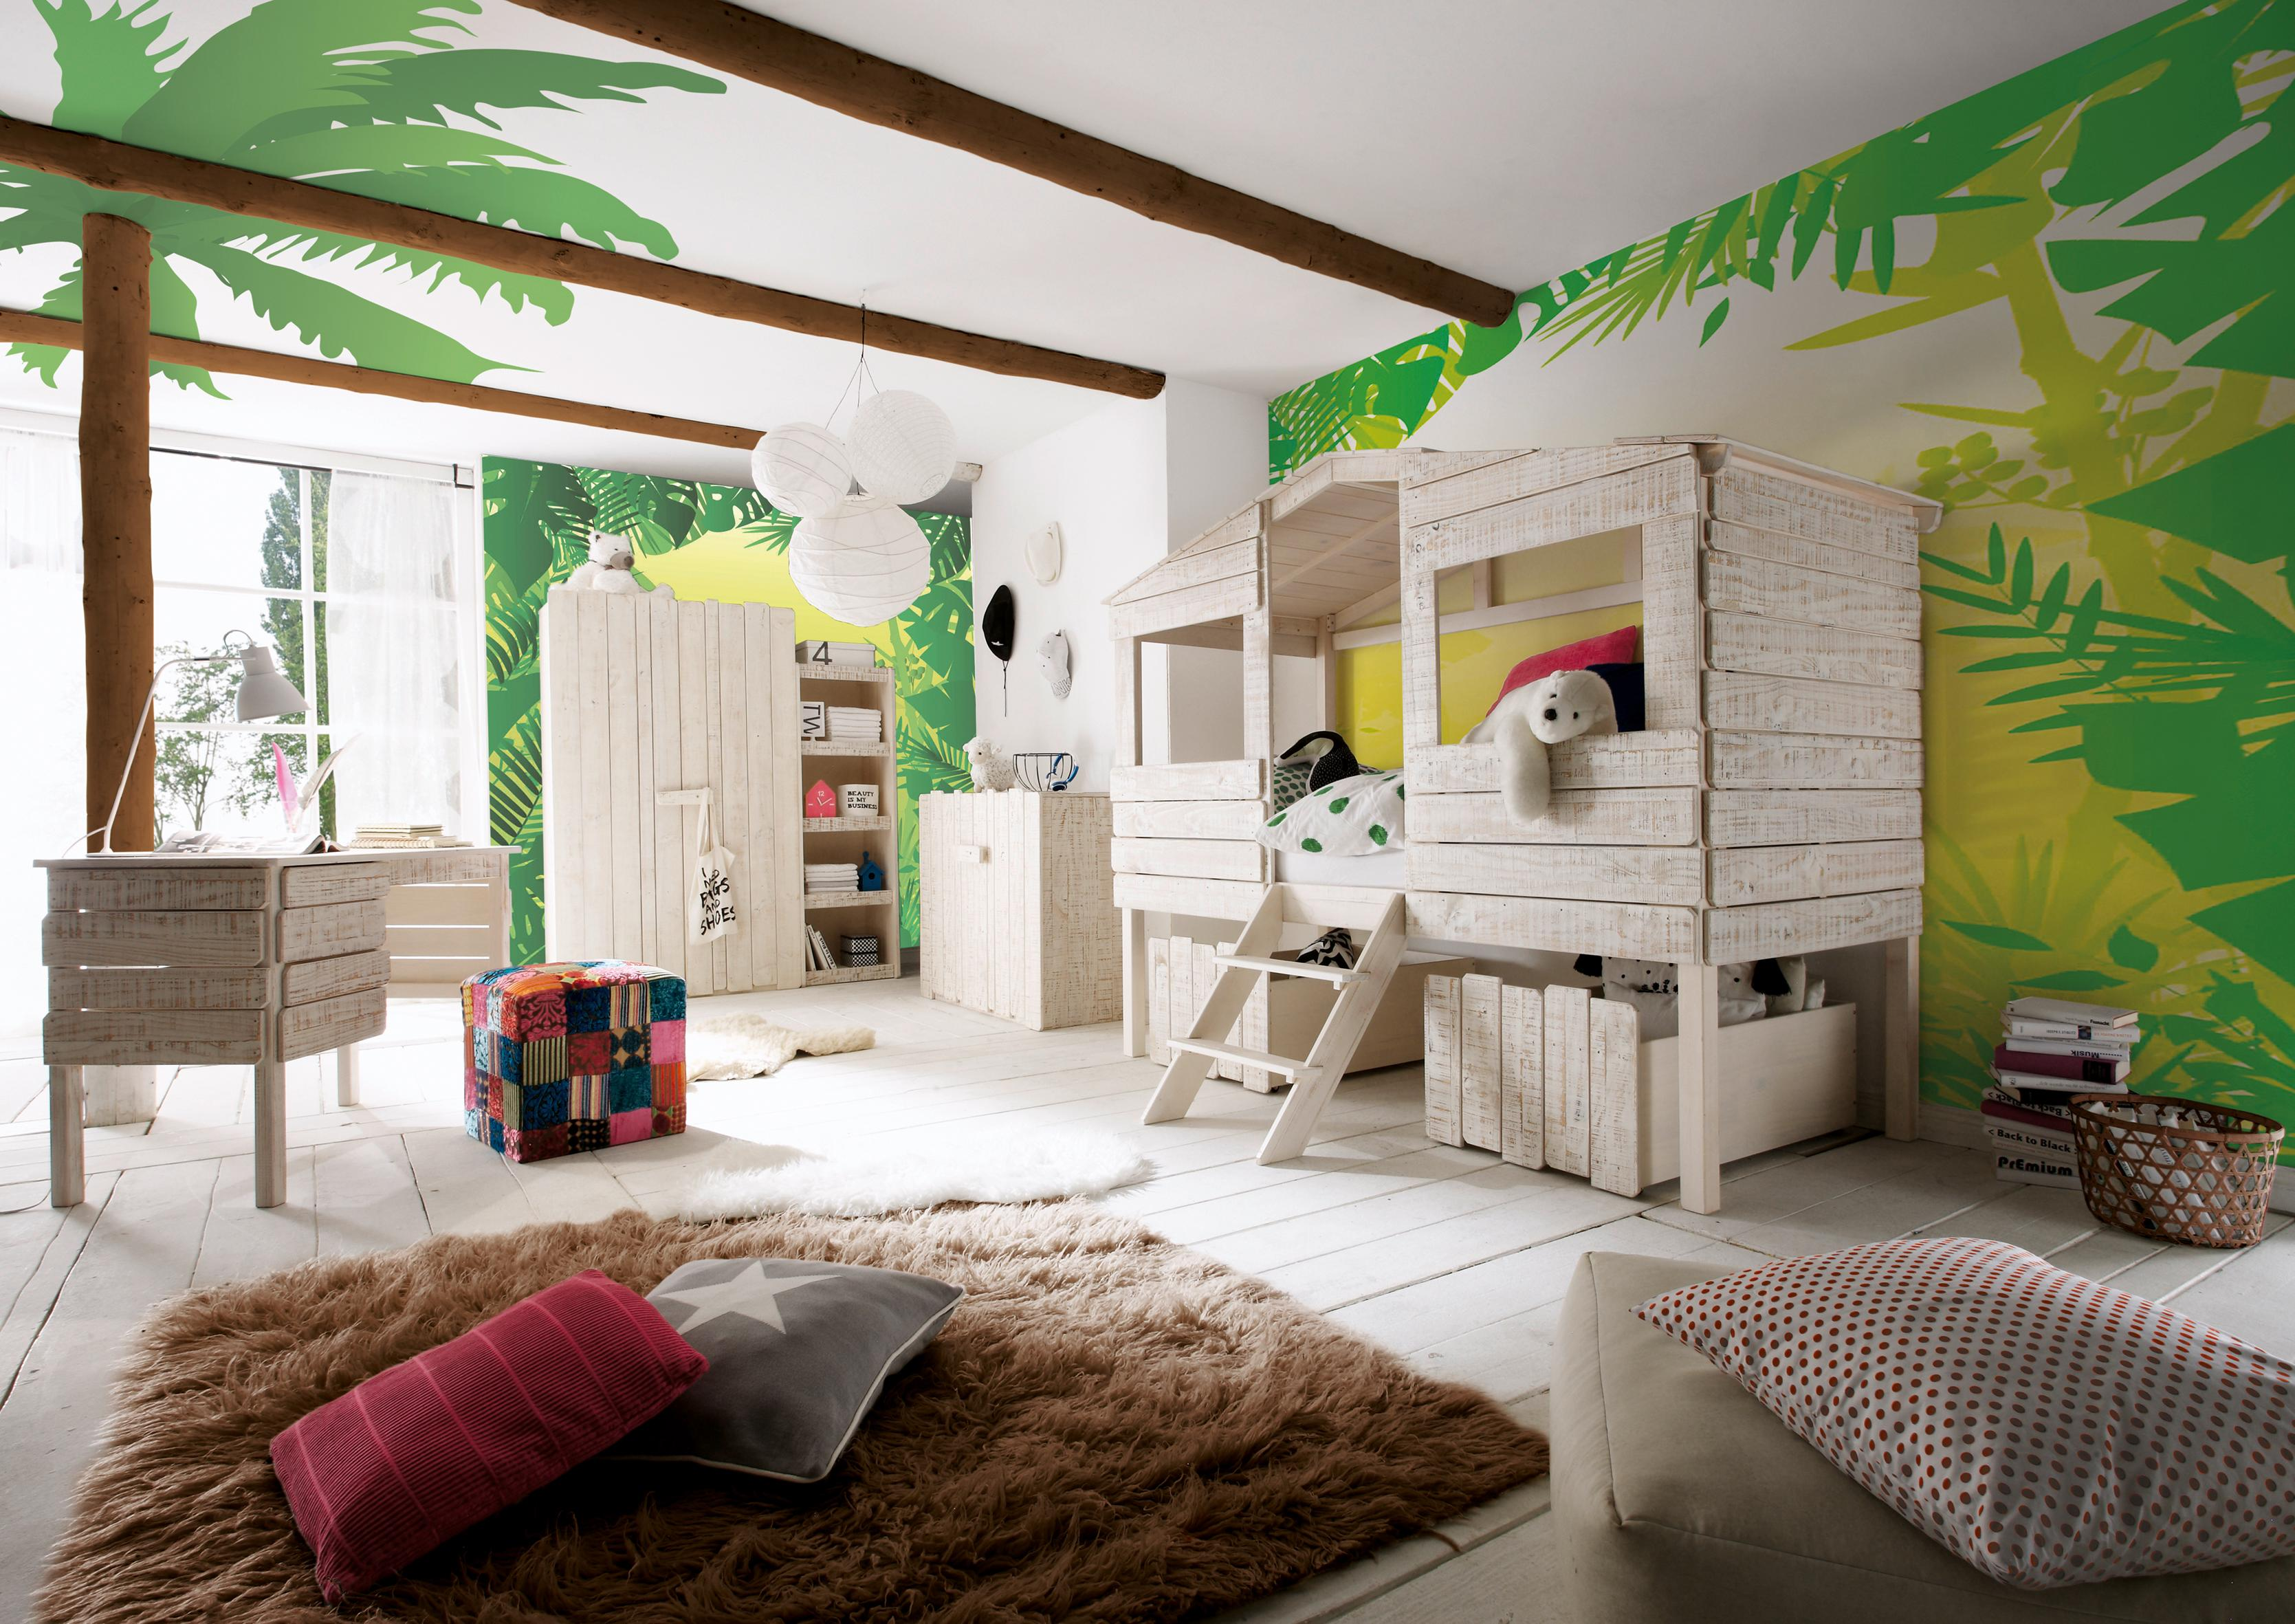 Hochbett bilder ideen couchstyle for Kinderzimmer 1 jahr